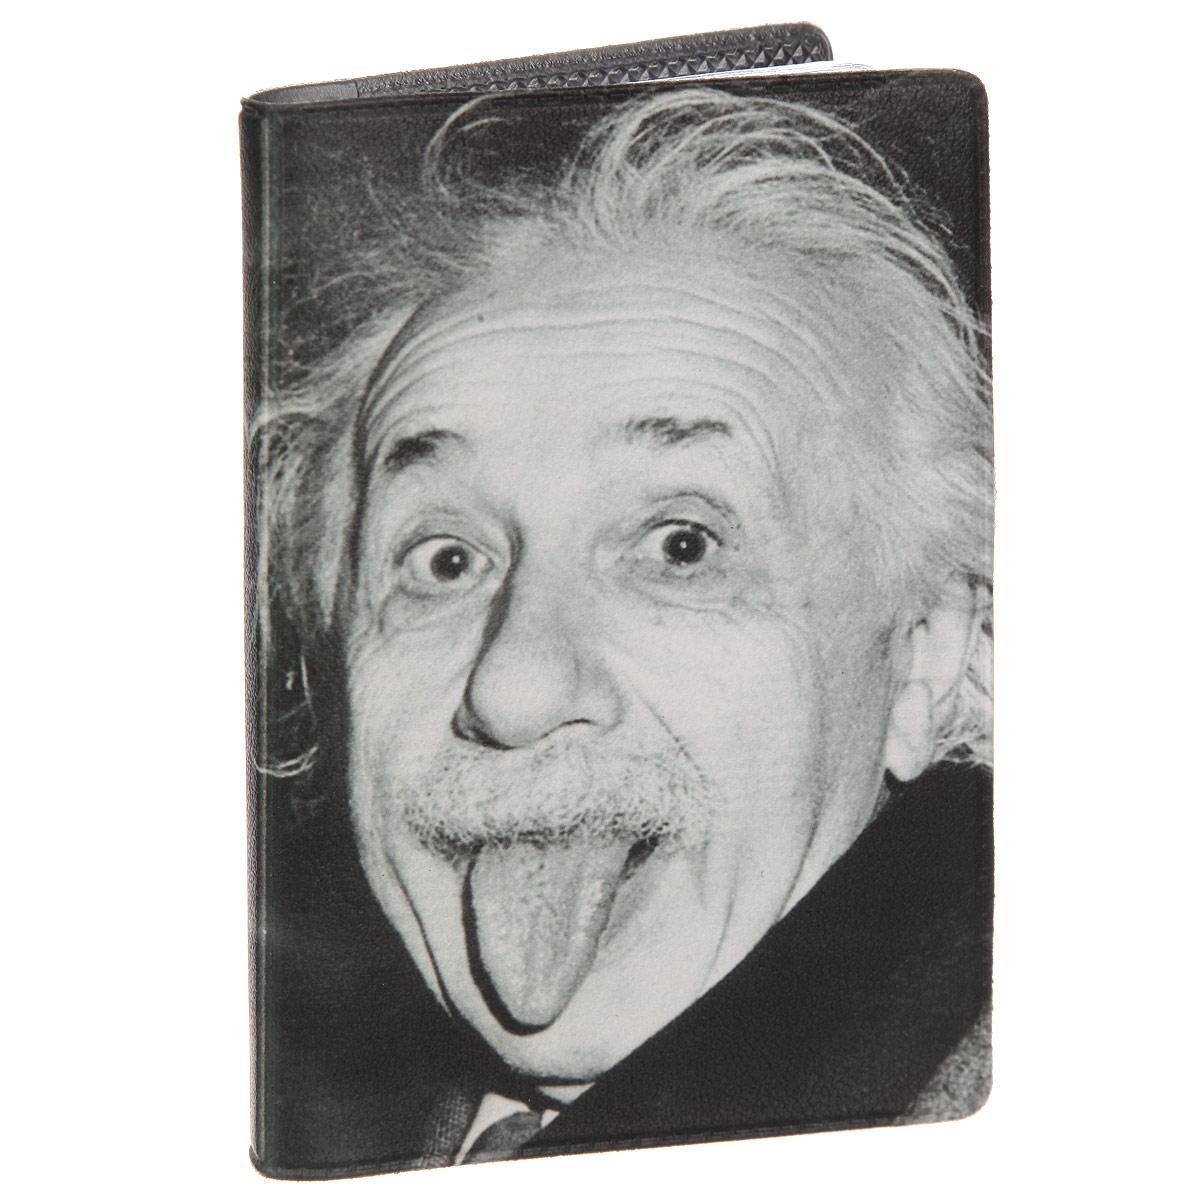 Визитница Эйнштейн. VIZAM295VIZAM295Стильная визитница Mitya Veselkov Эйнштейн выполнена из поливинилхлорида. Изделие оформлено художественной печатью с изображением ученого. Внутри размещены два пластиковых кармана и вкладыш на восемнадцать кармашков. Яркая визитница Mitya Veselkov Эйнштейн не только поможет сохранить внешний вид ваших визиток, а также станет стильным аксессуаром, идеально подходящим к вашему образу.